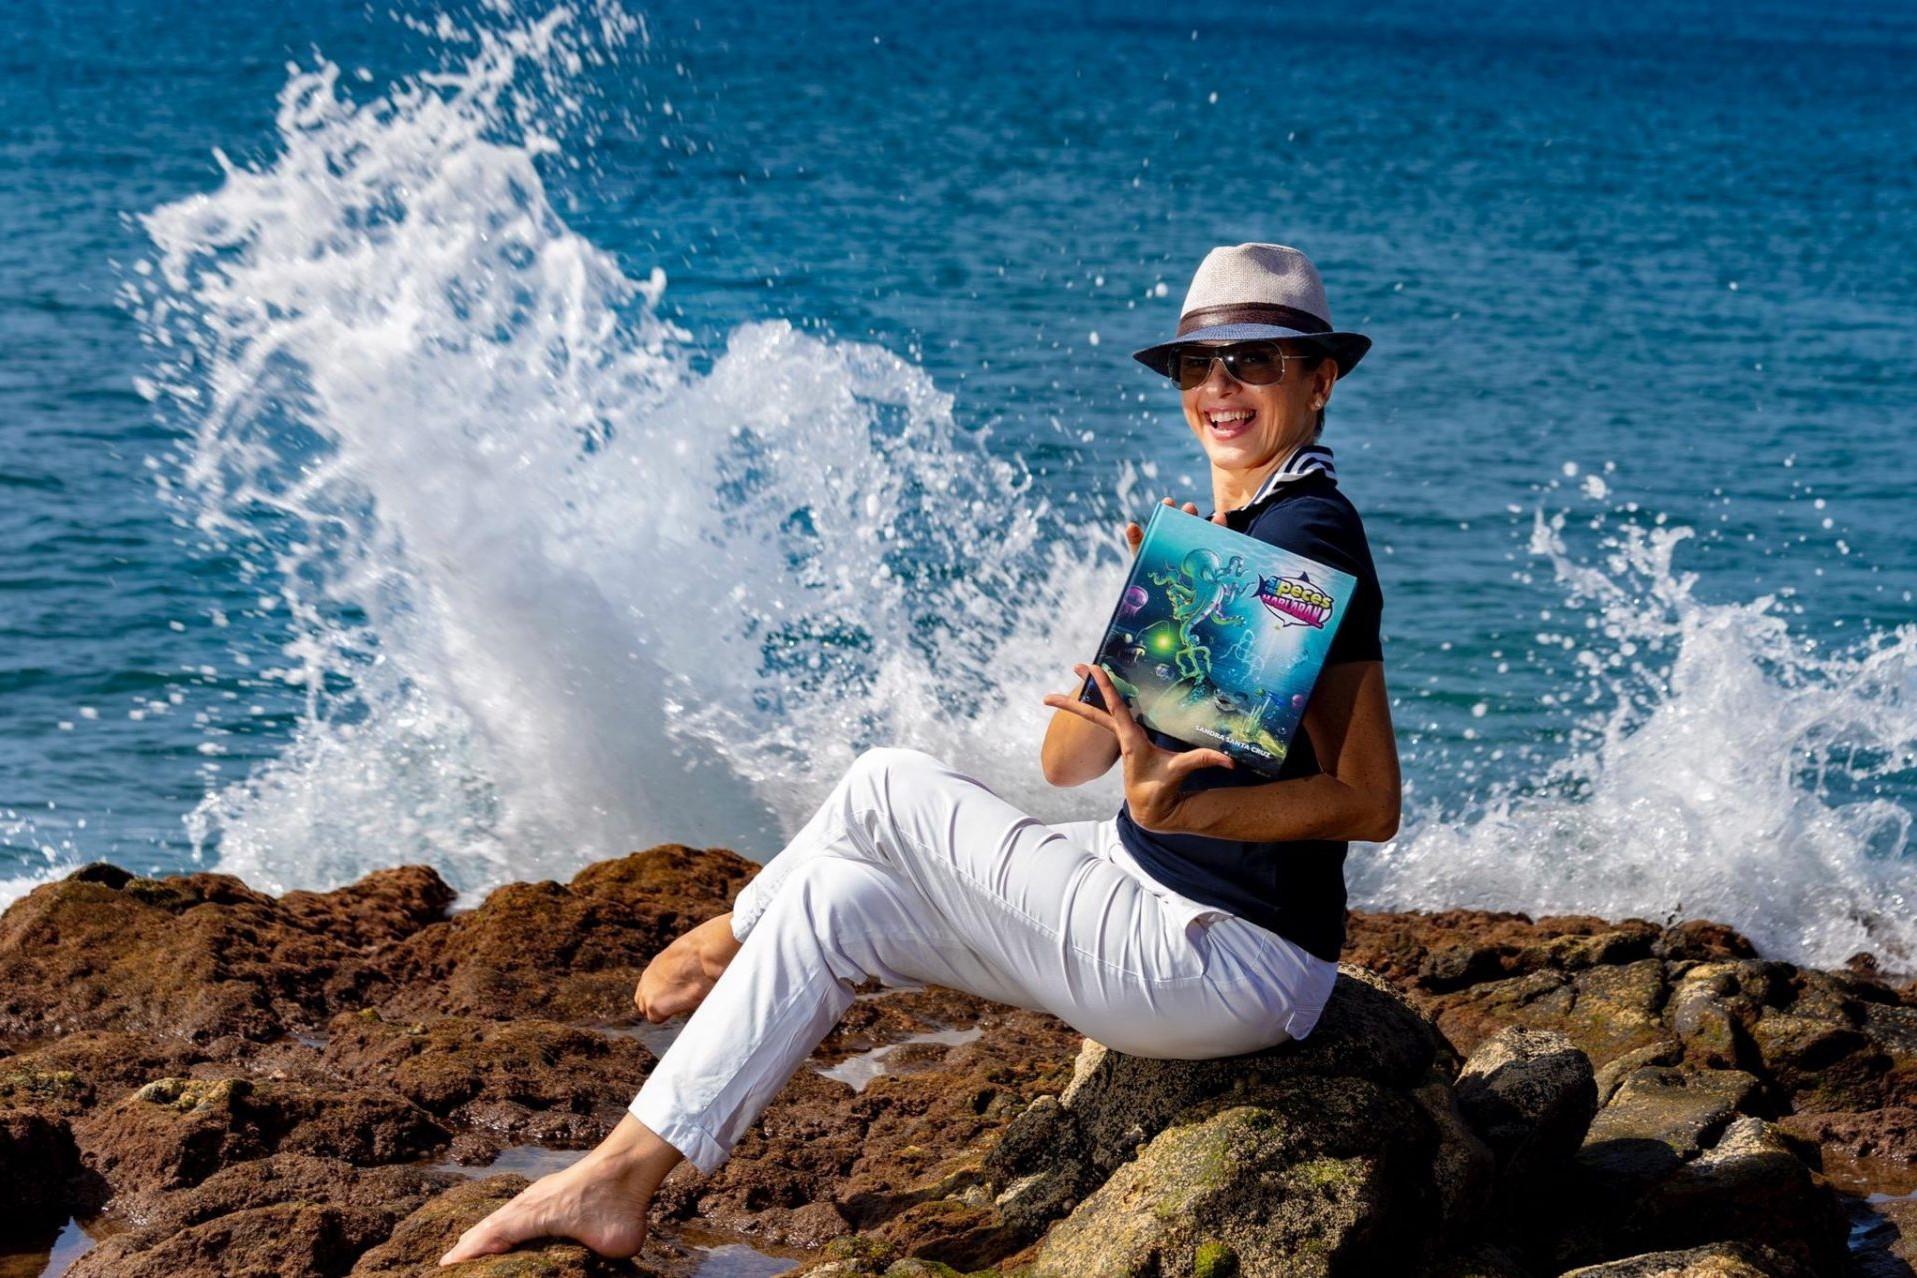 Foto de Sandra Santa Cruz sentada en unas rocas con su cuento Si los peces hablaran... en las manos, con el mar de fondo y unas olas rompiendo detrás de ella. Su cuetno quiere ayudar a proteger el mundo marino y frenar la contaminación. Entrevista en la revista Enjoy